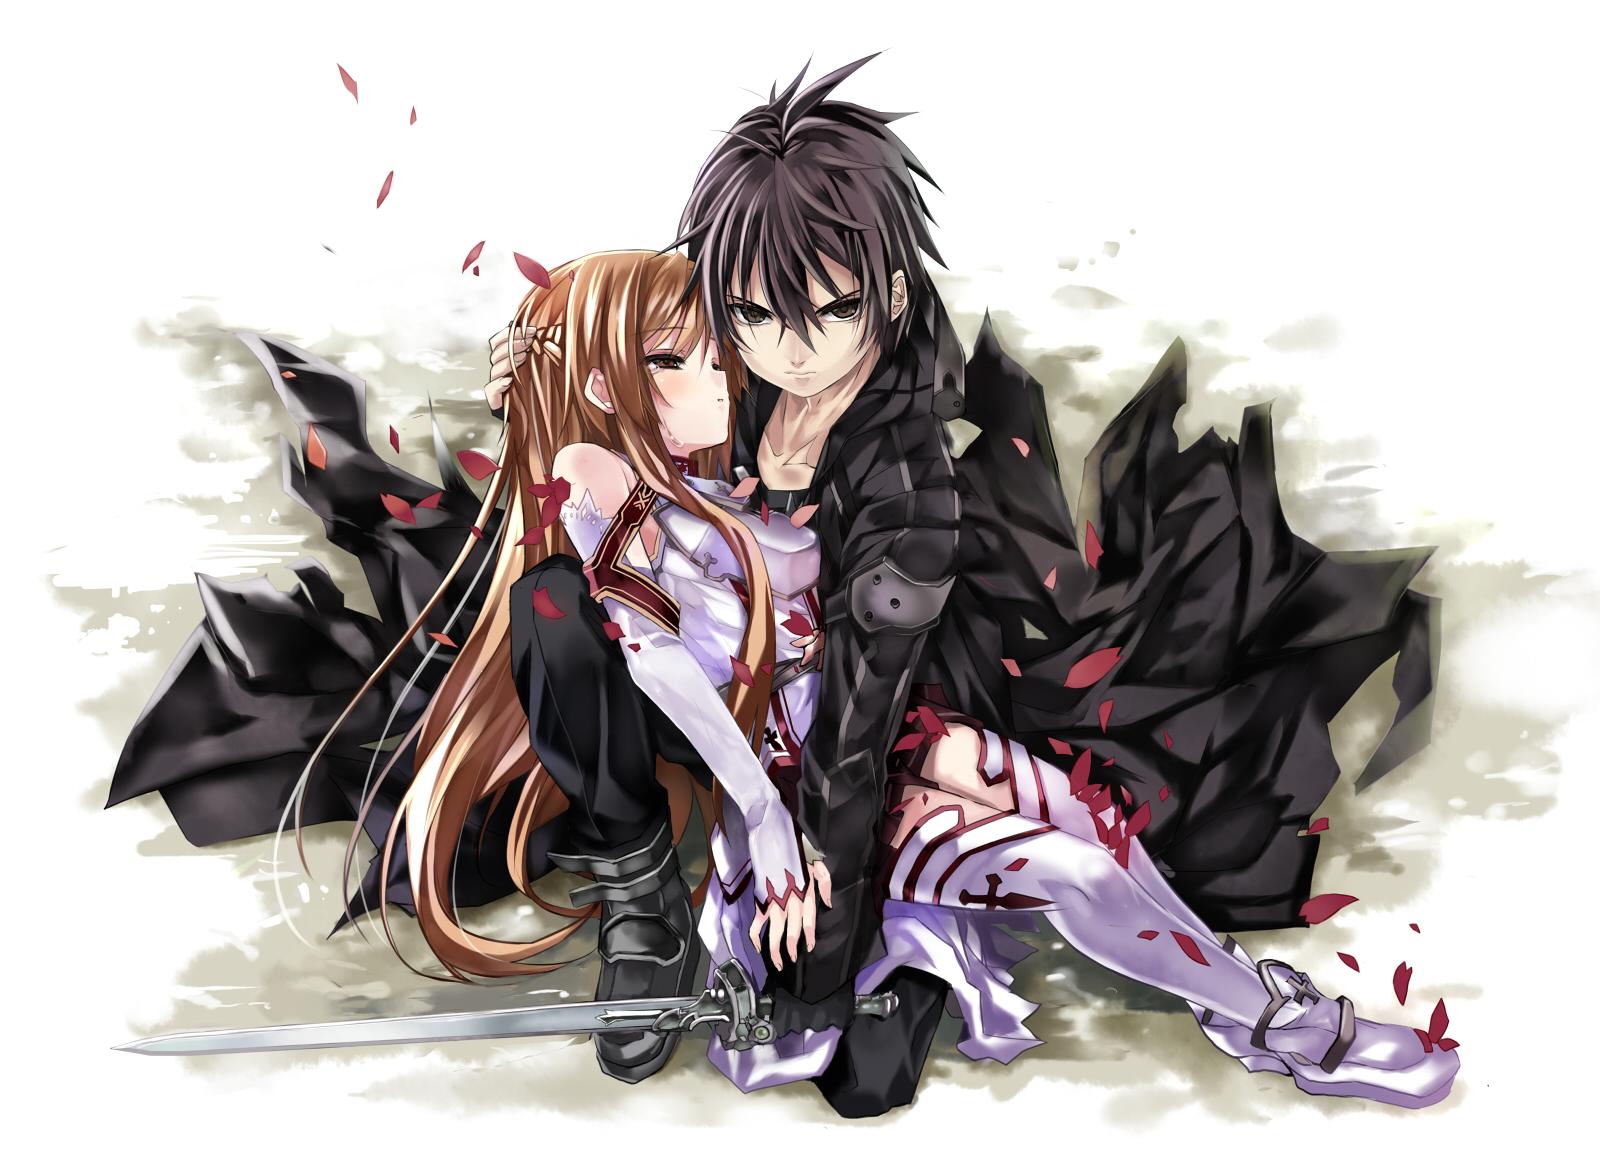 Romance Love Anime 24 Background Wallpaper Hdlovewallcom